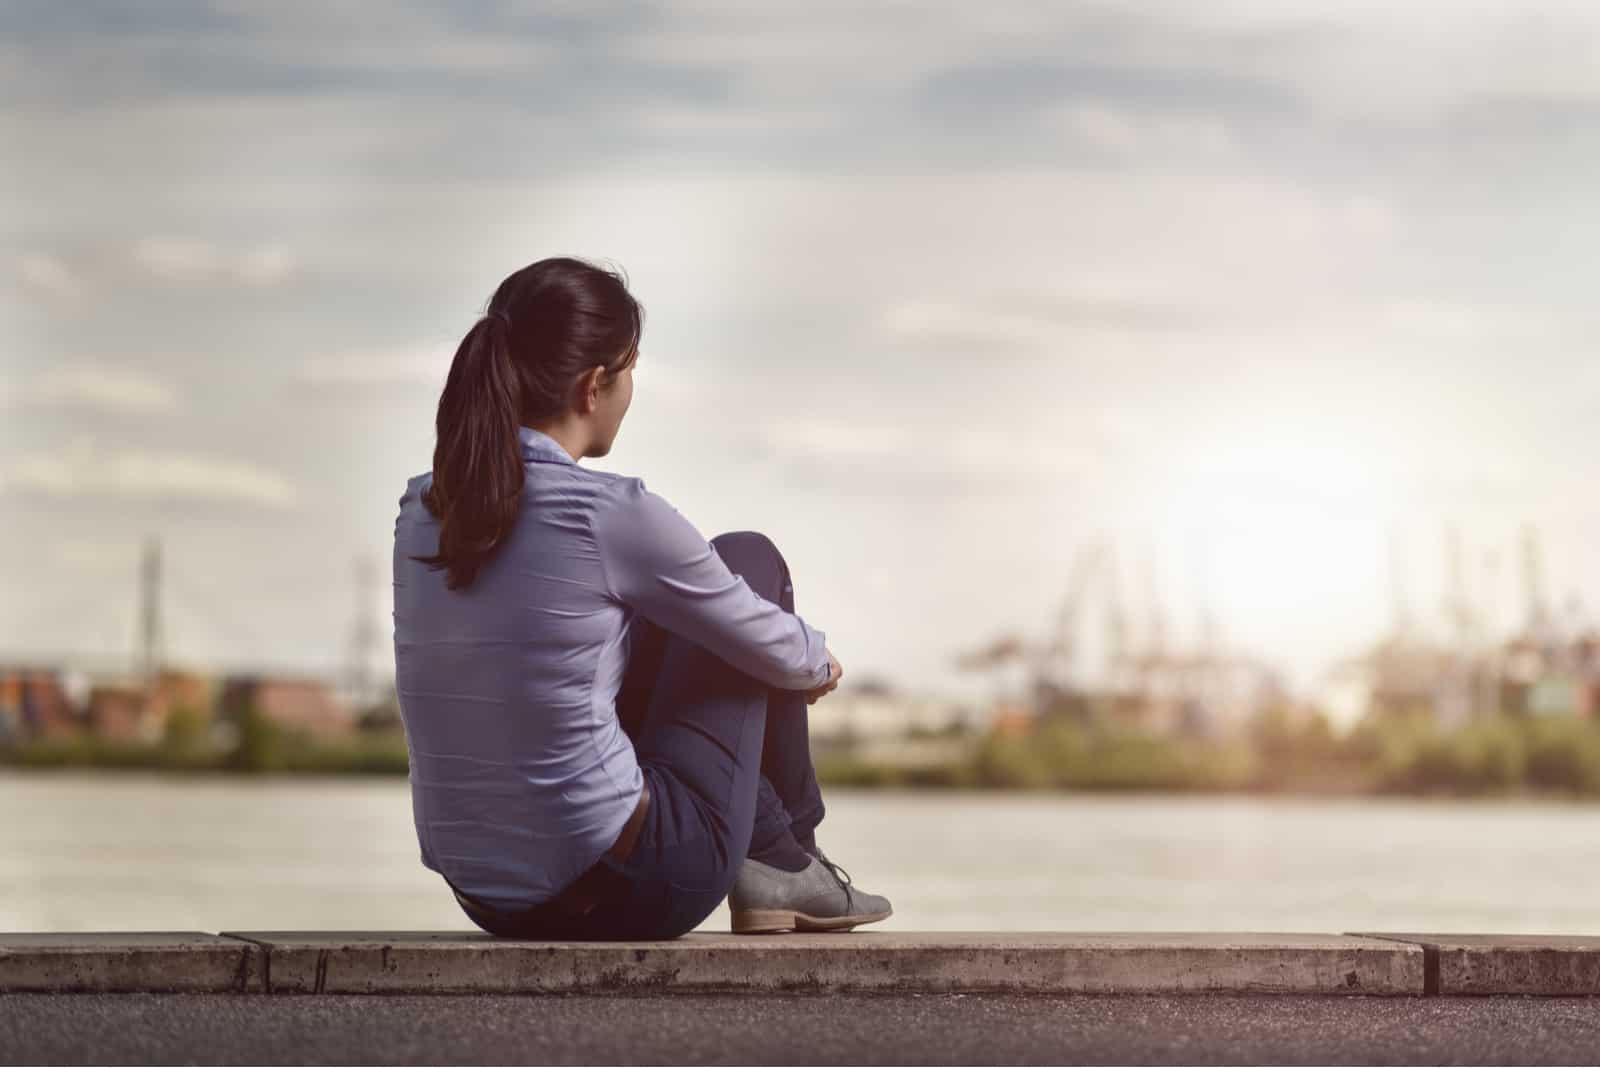 Femme regardant la rivière en position assise